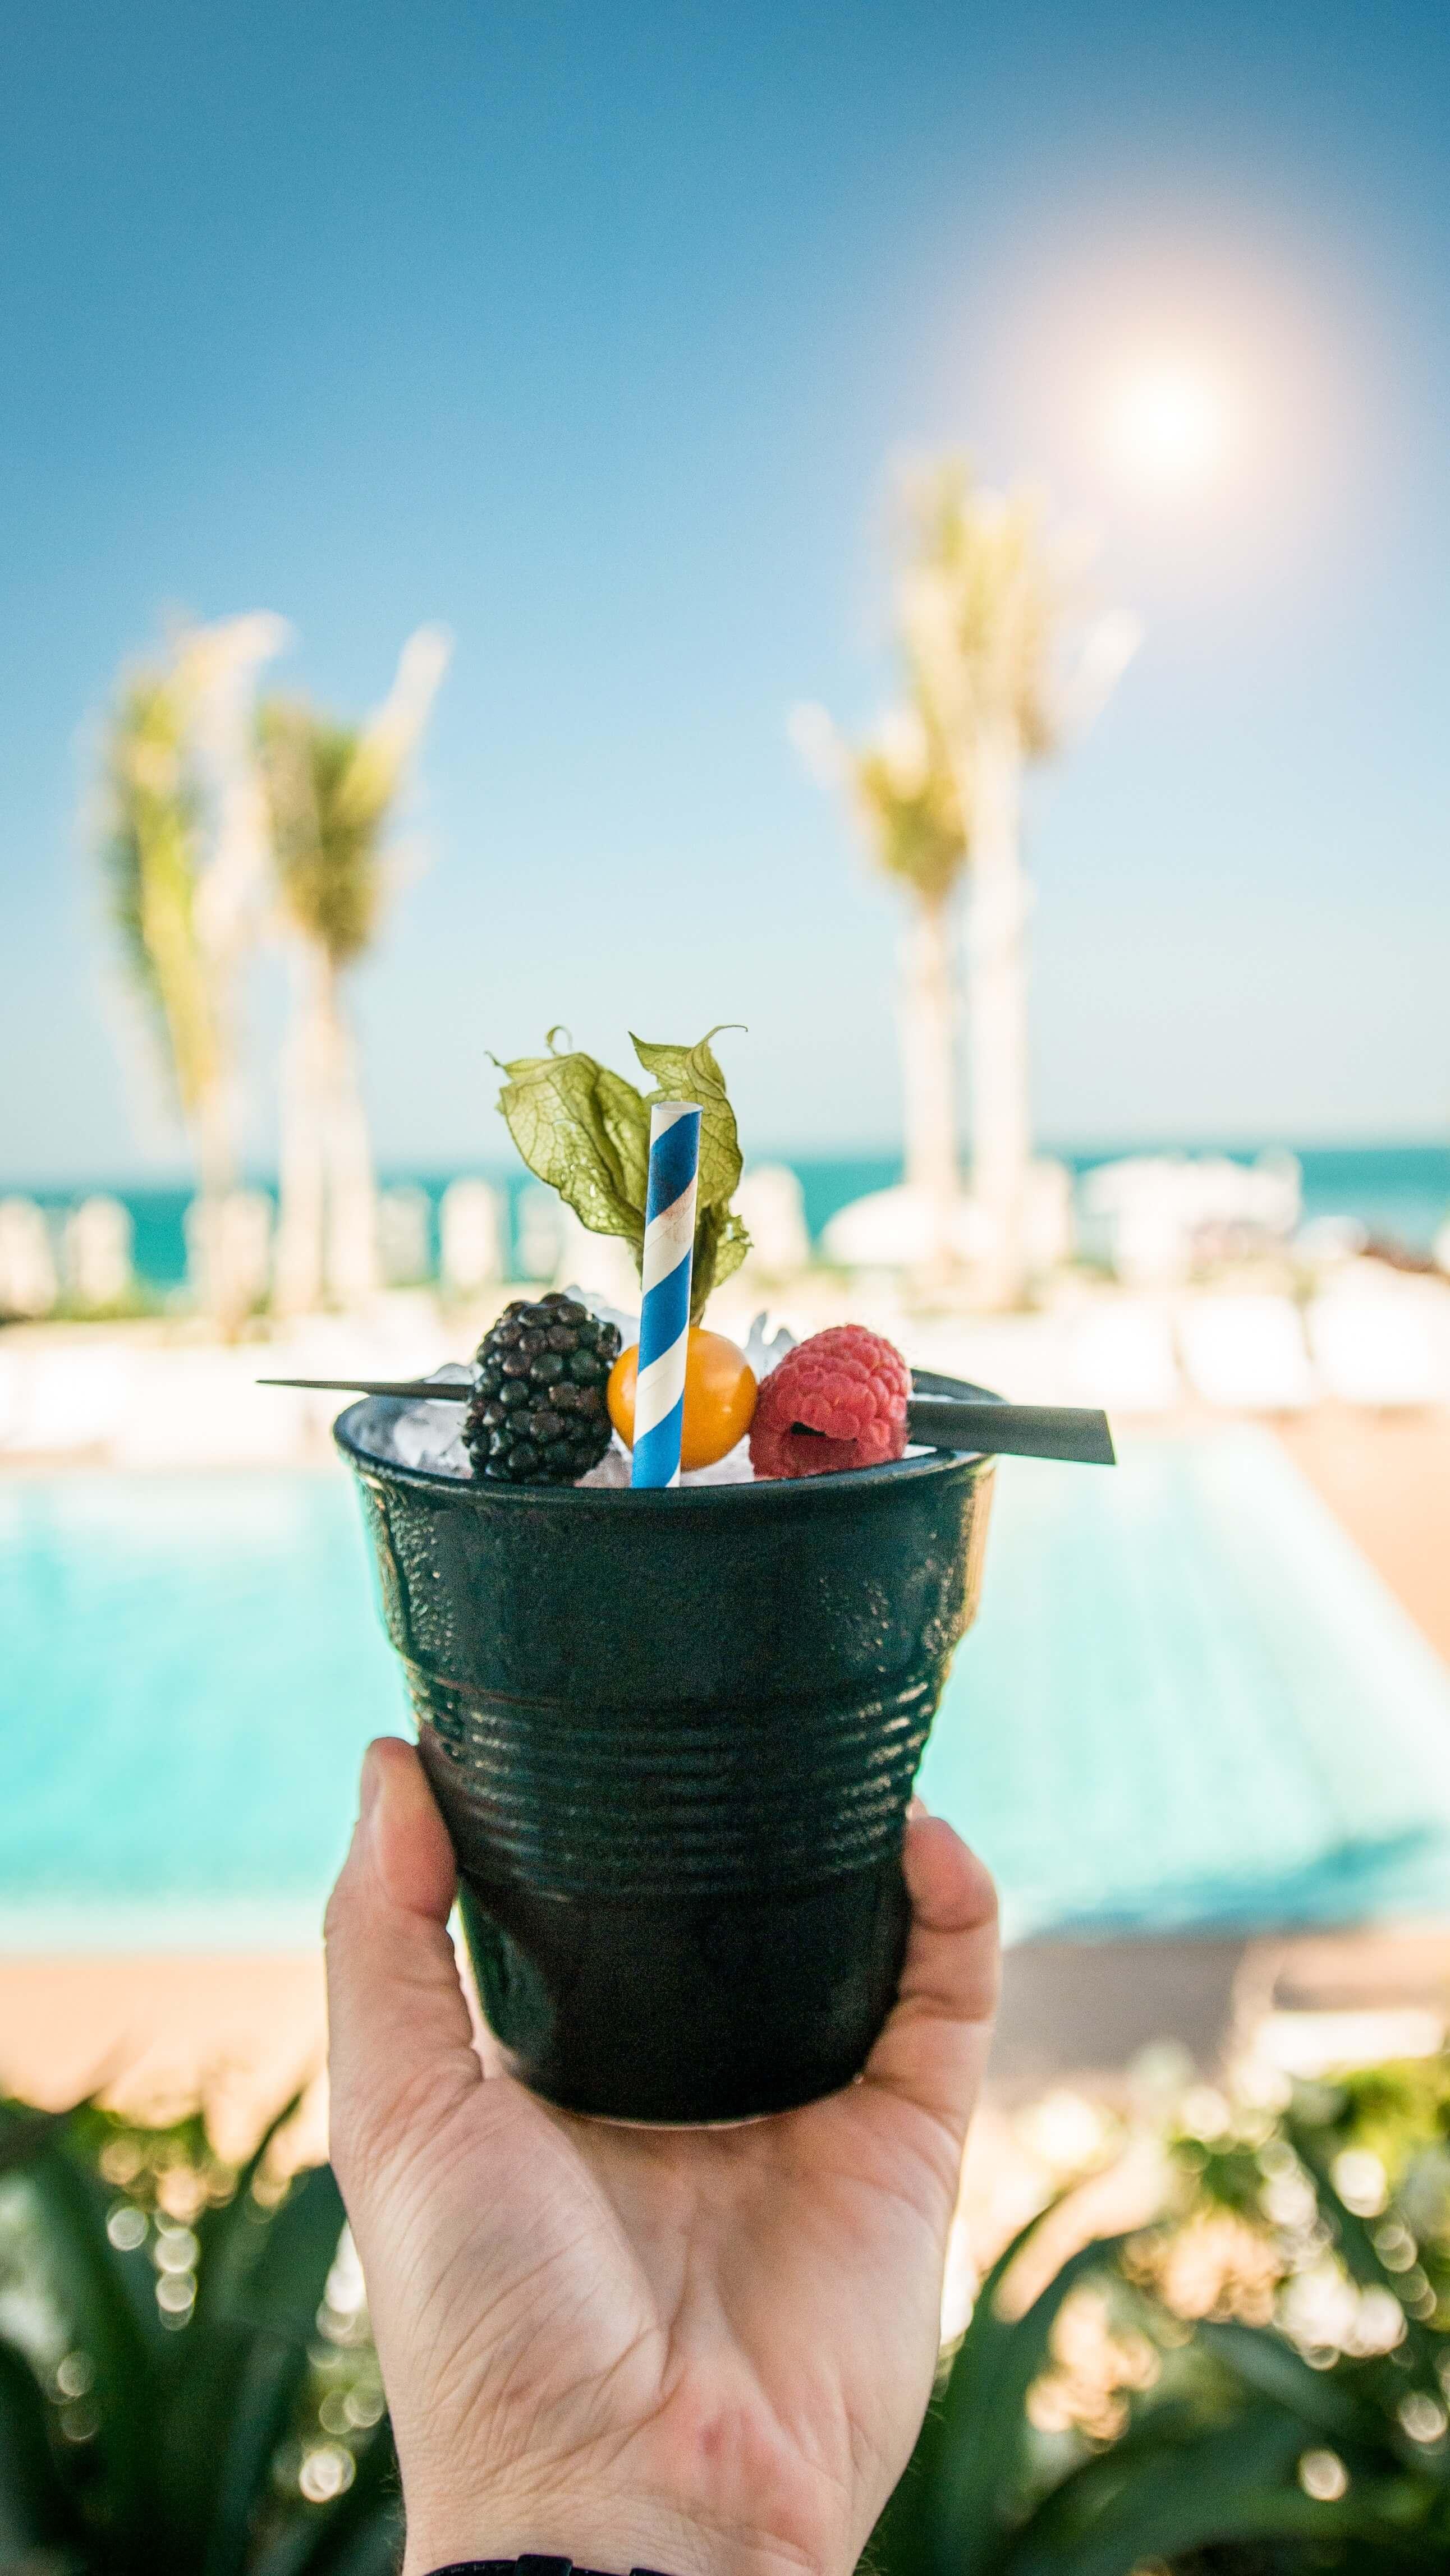 luxury pool in the UAE